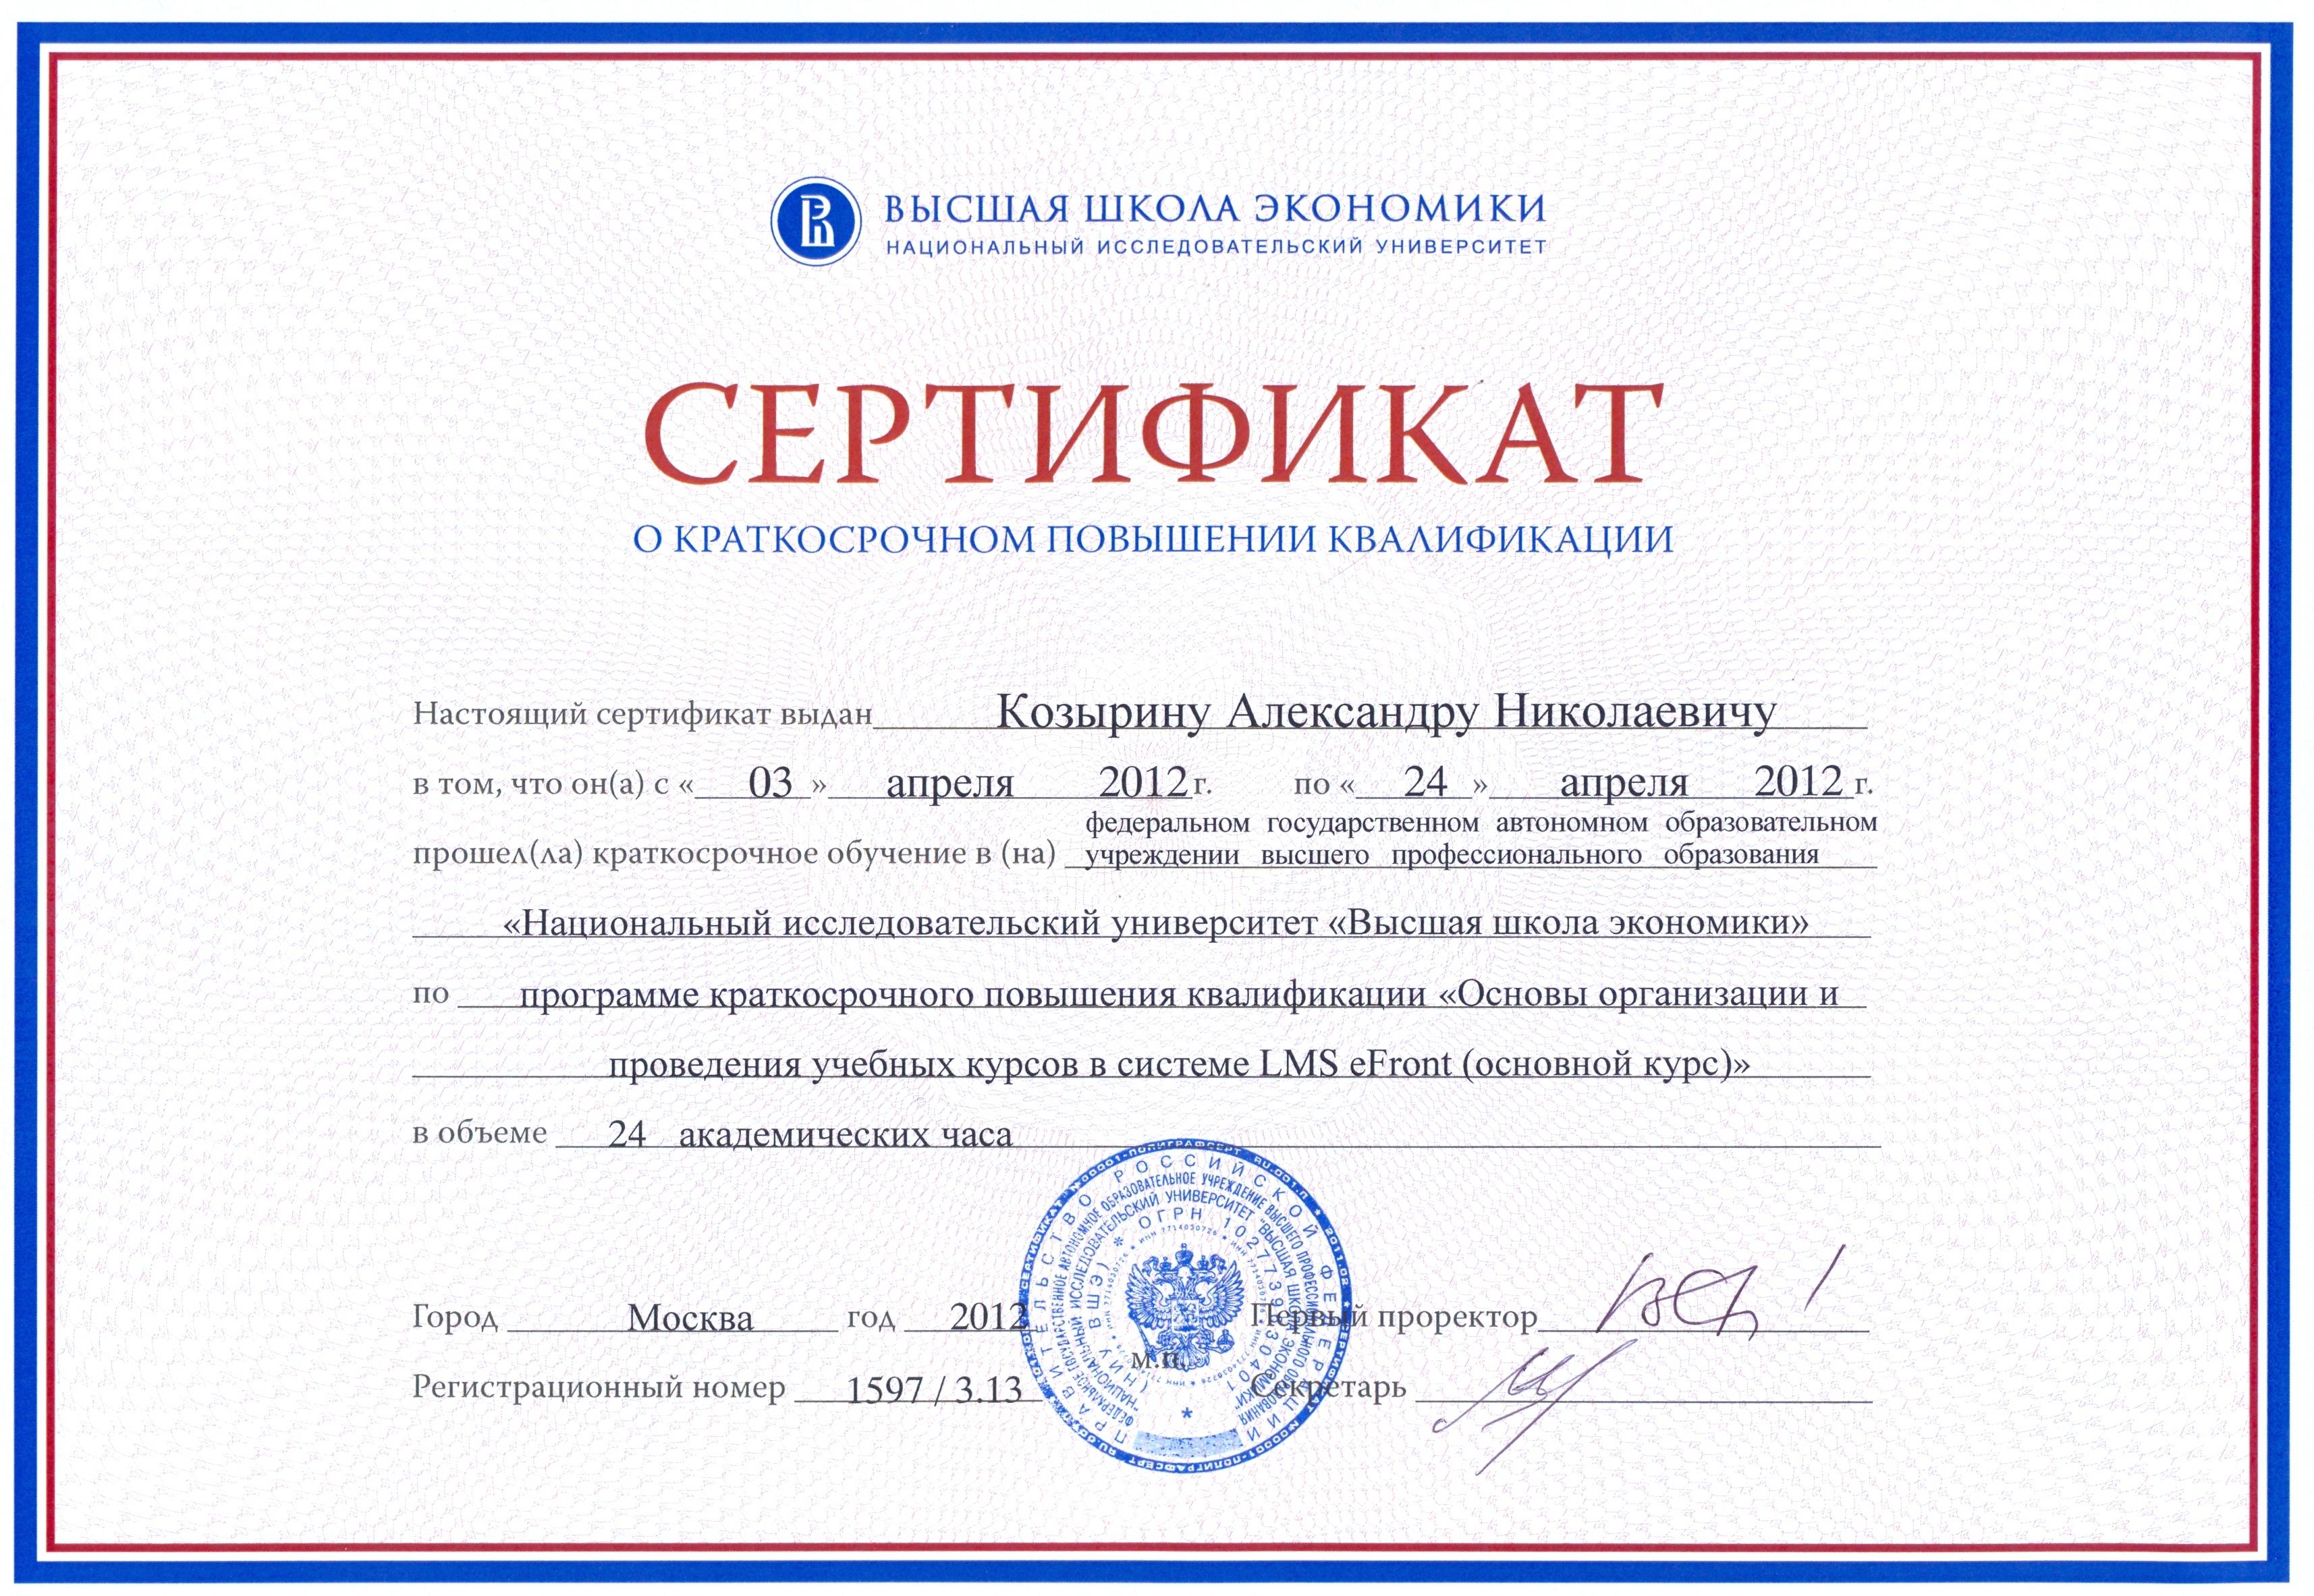 получить валютный сертификат